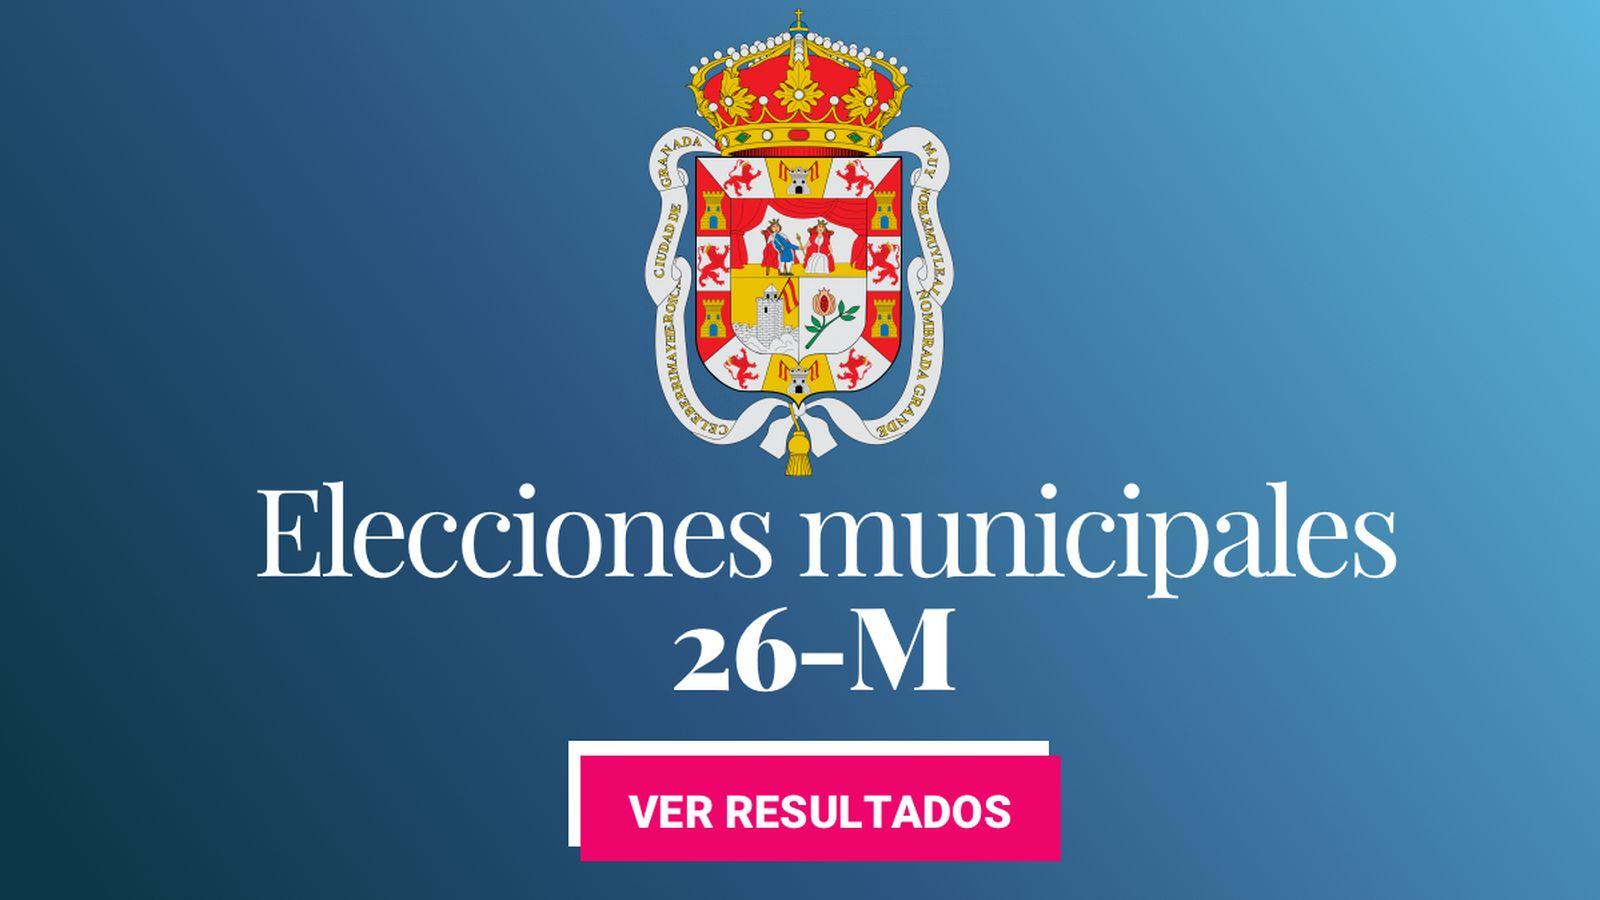 Foto: Elecciones municipales 2019 en Granada. (C.C./EC)